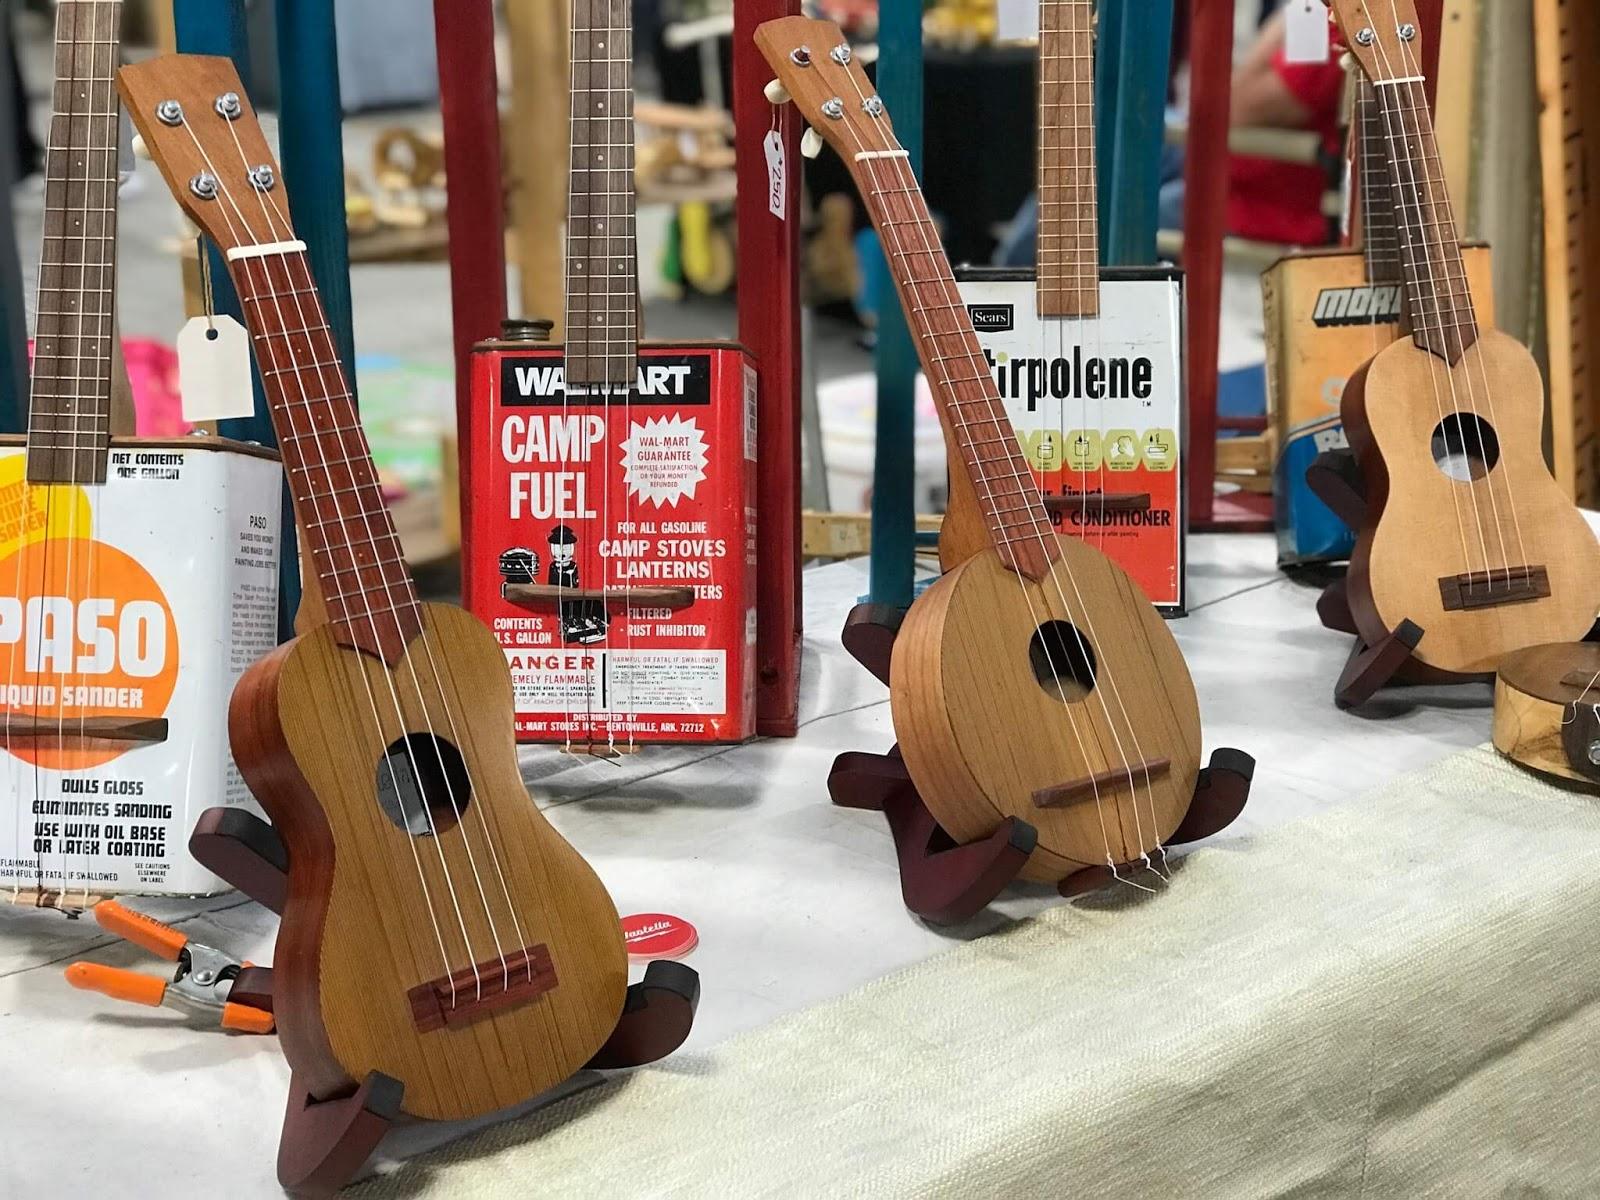 ukuleles by Wastella